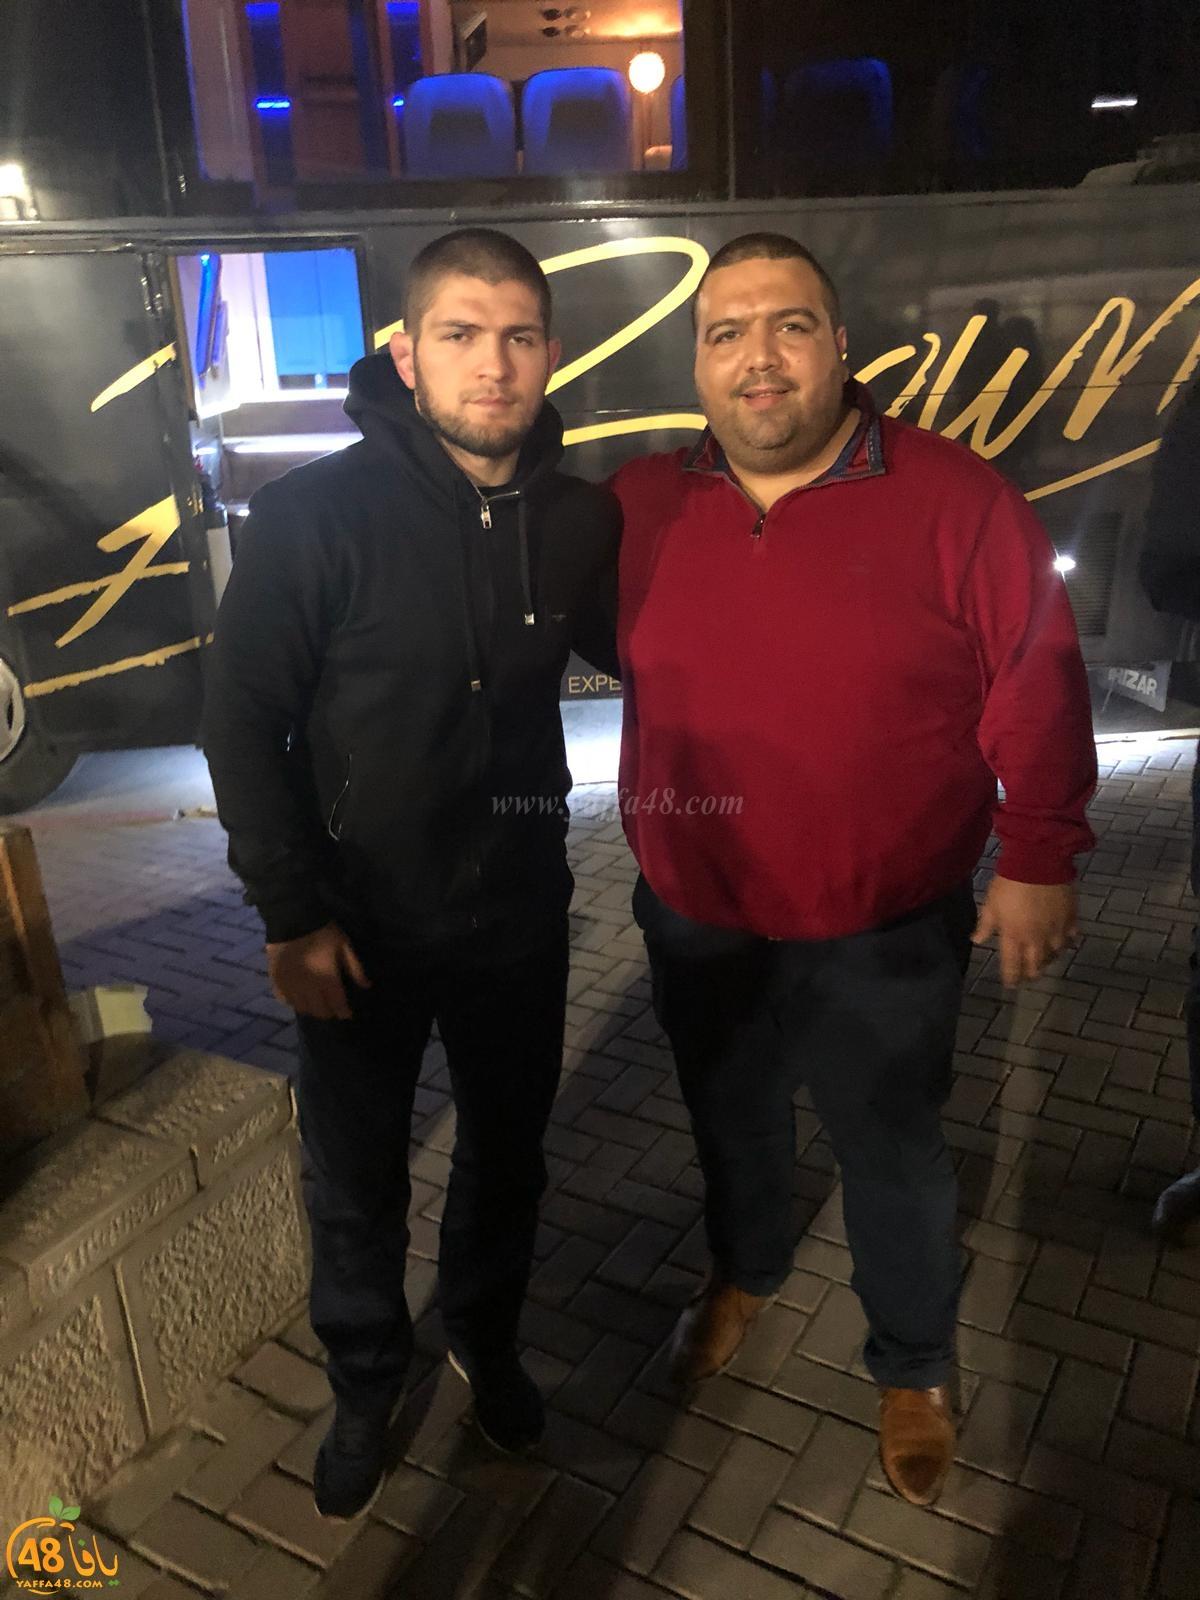 بالصور: ابن يافا السيد سعيد أبو العافية يستضيف بطل العالم في الملاكمة حبيب محمدوف